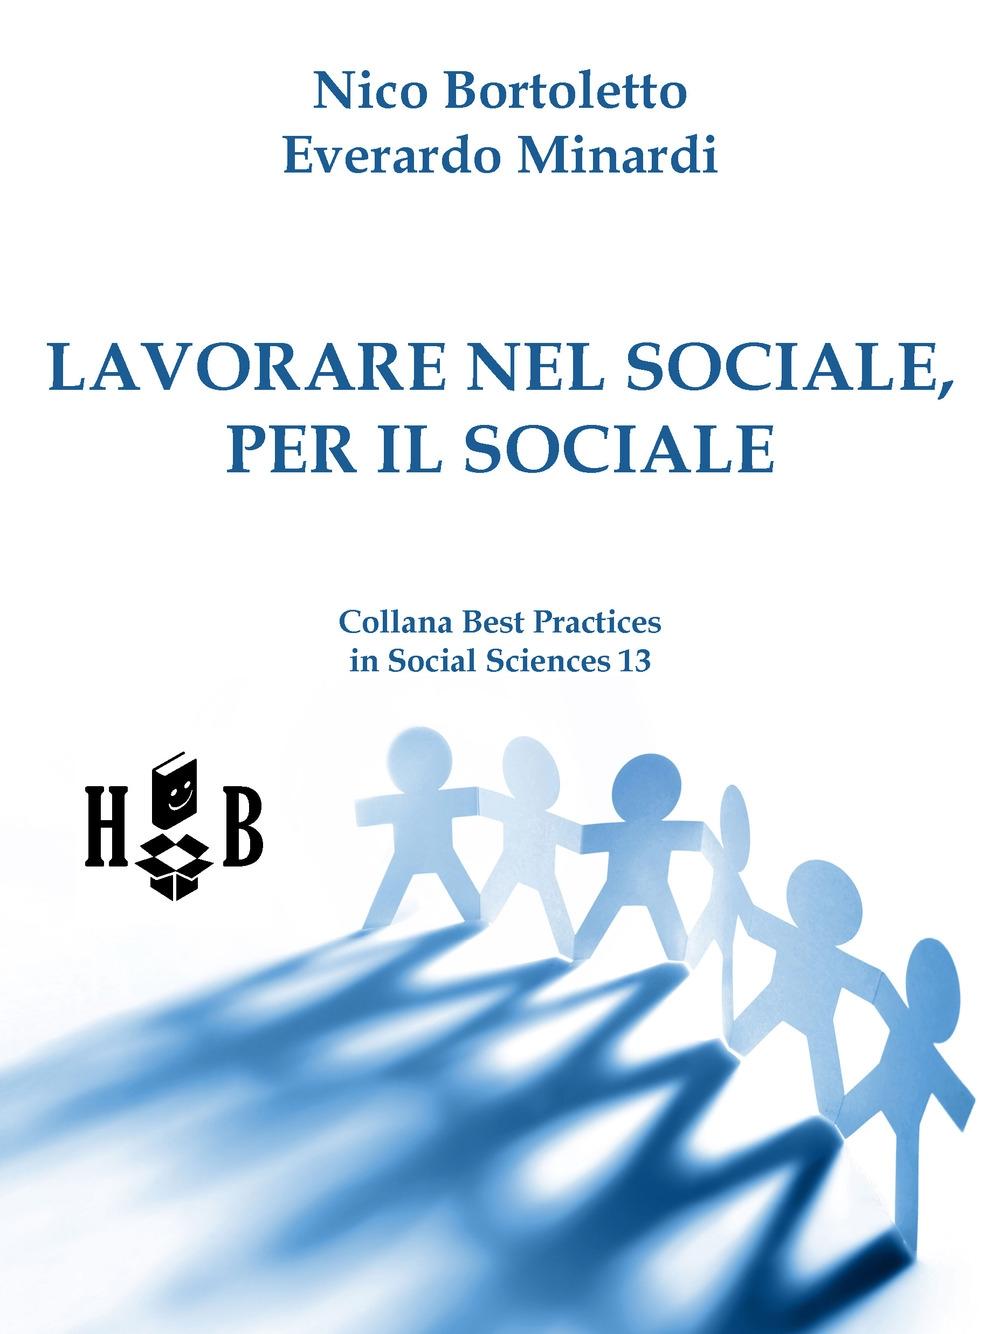 Lavorare nel sociale, per il sociale